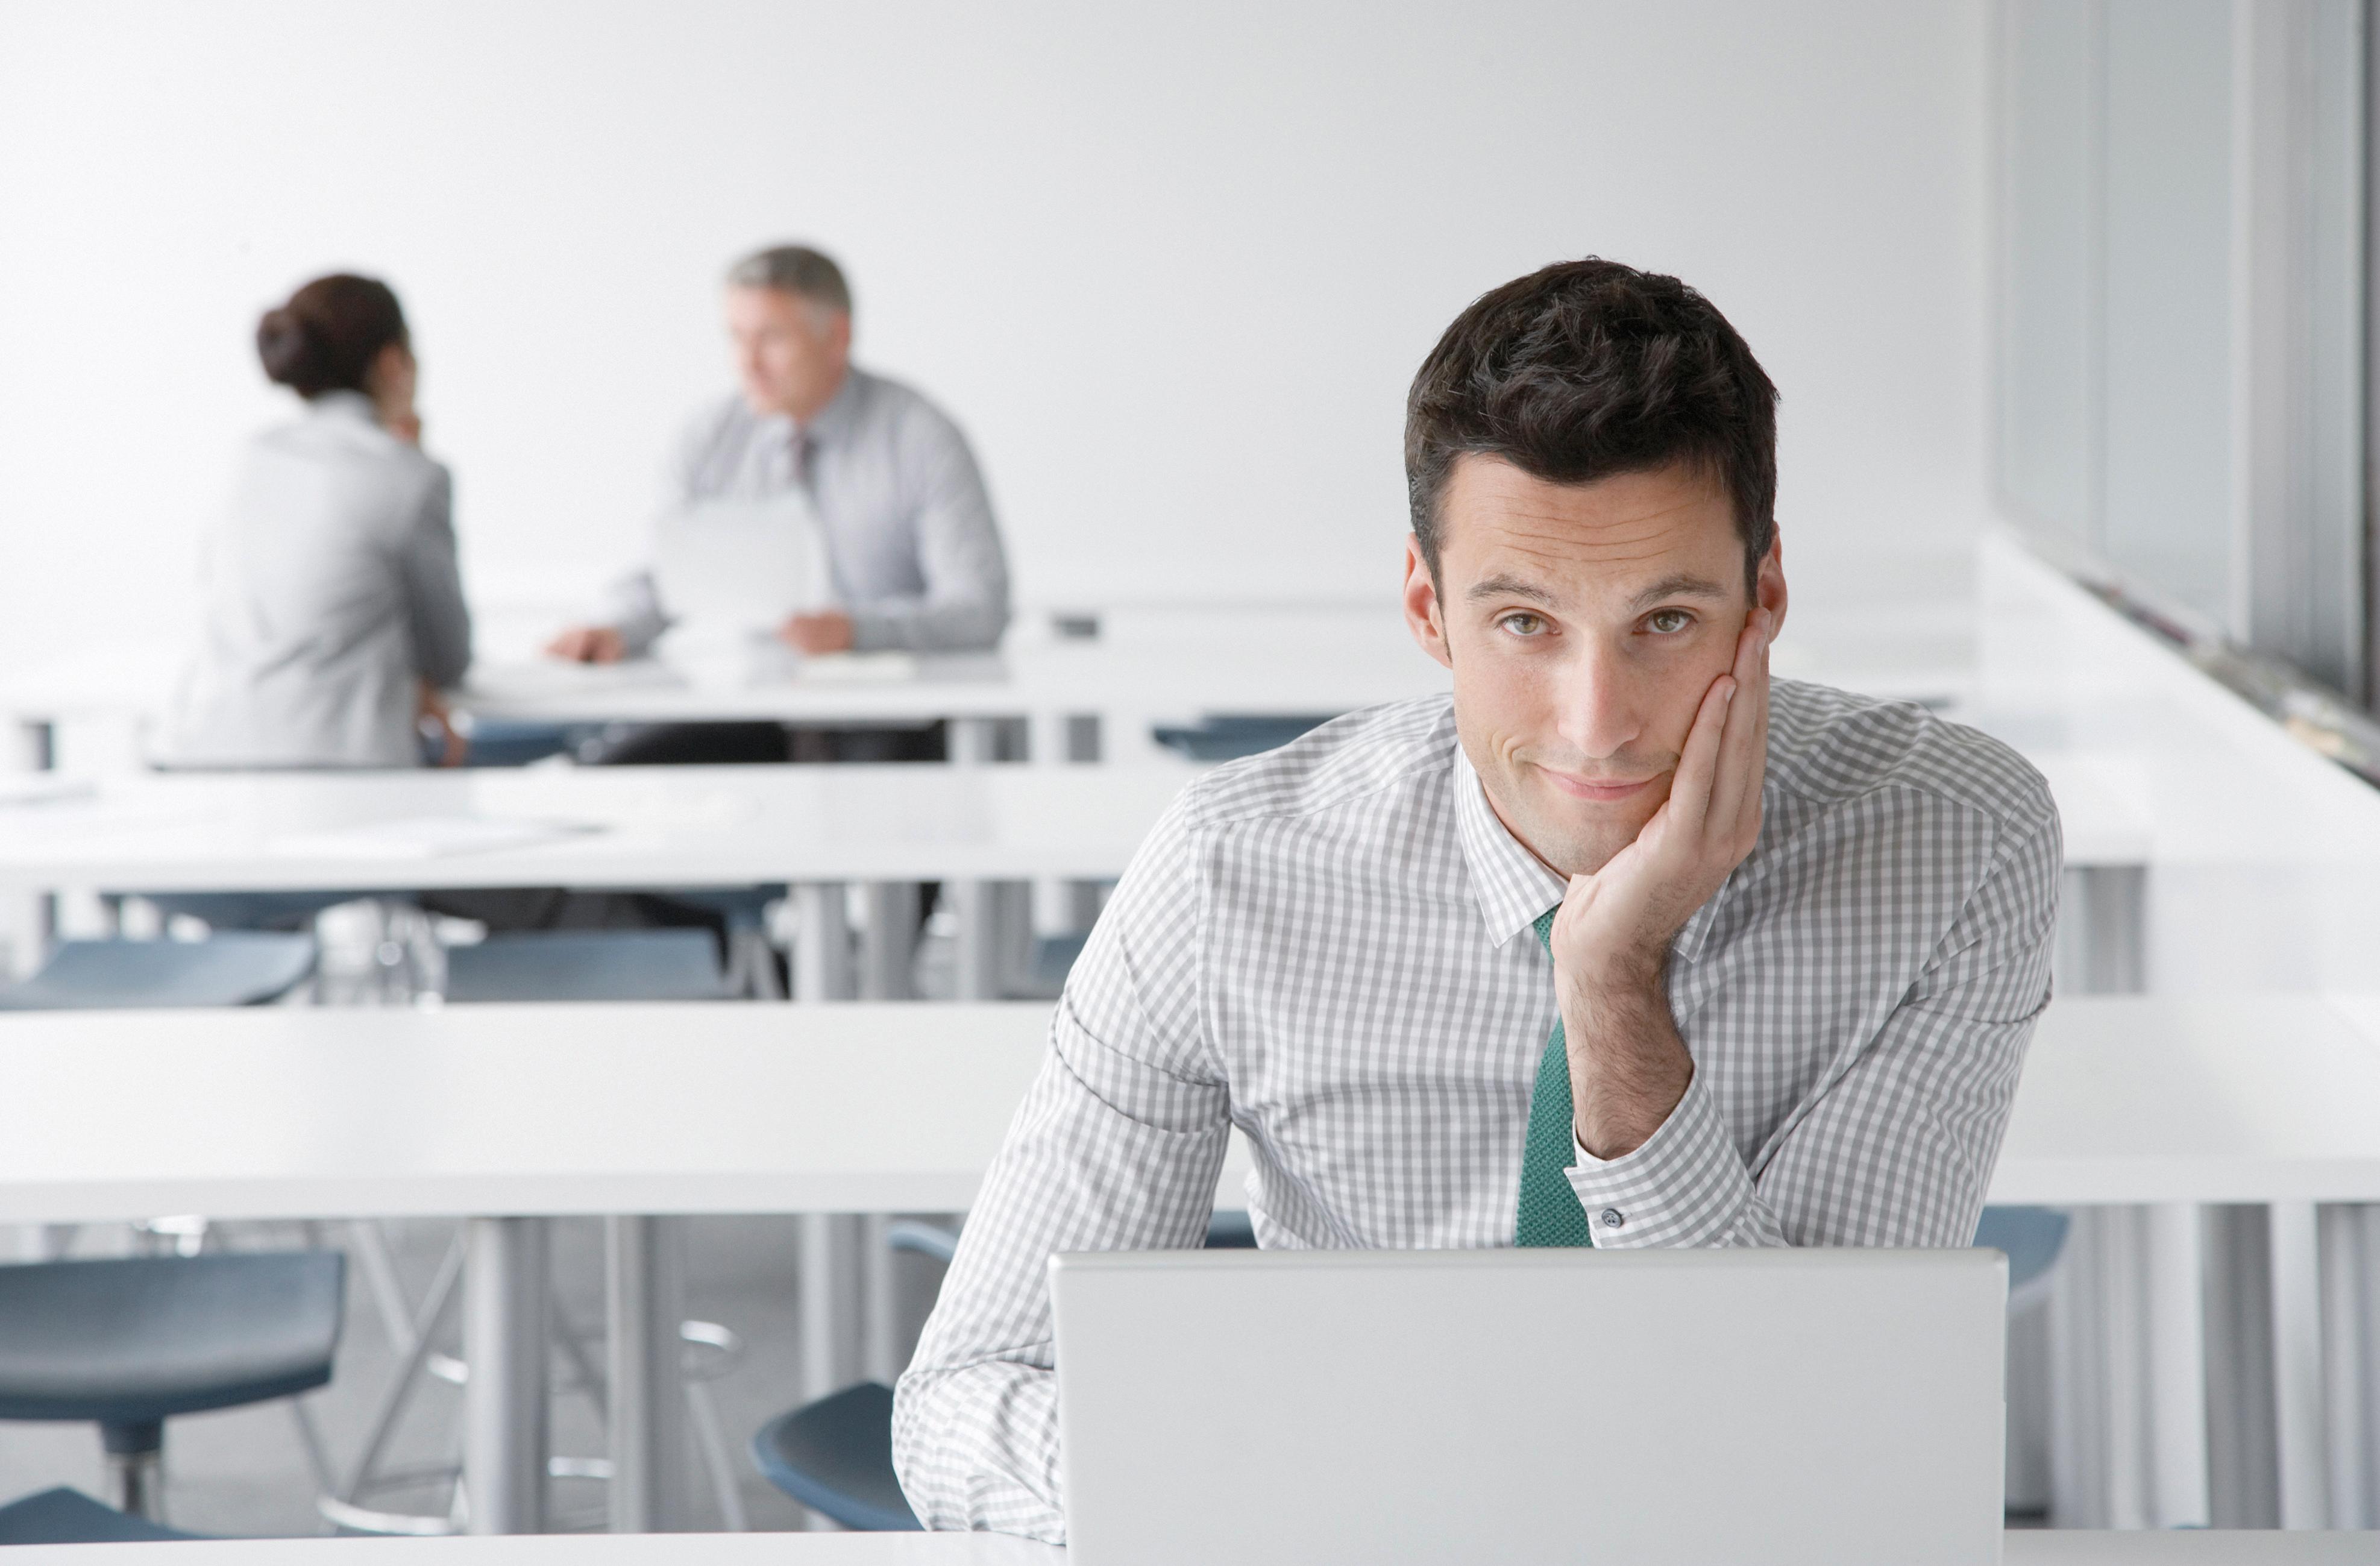 Dunkelhaariger Mann sitzt vor Computer